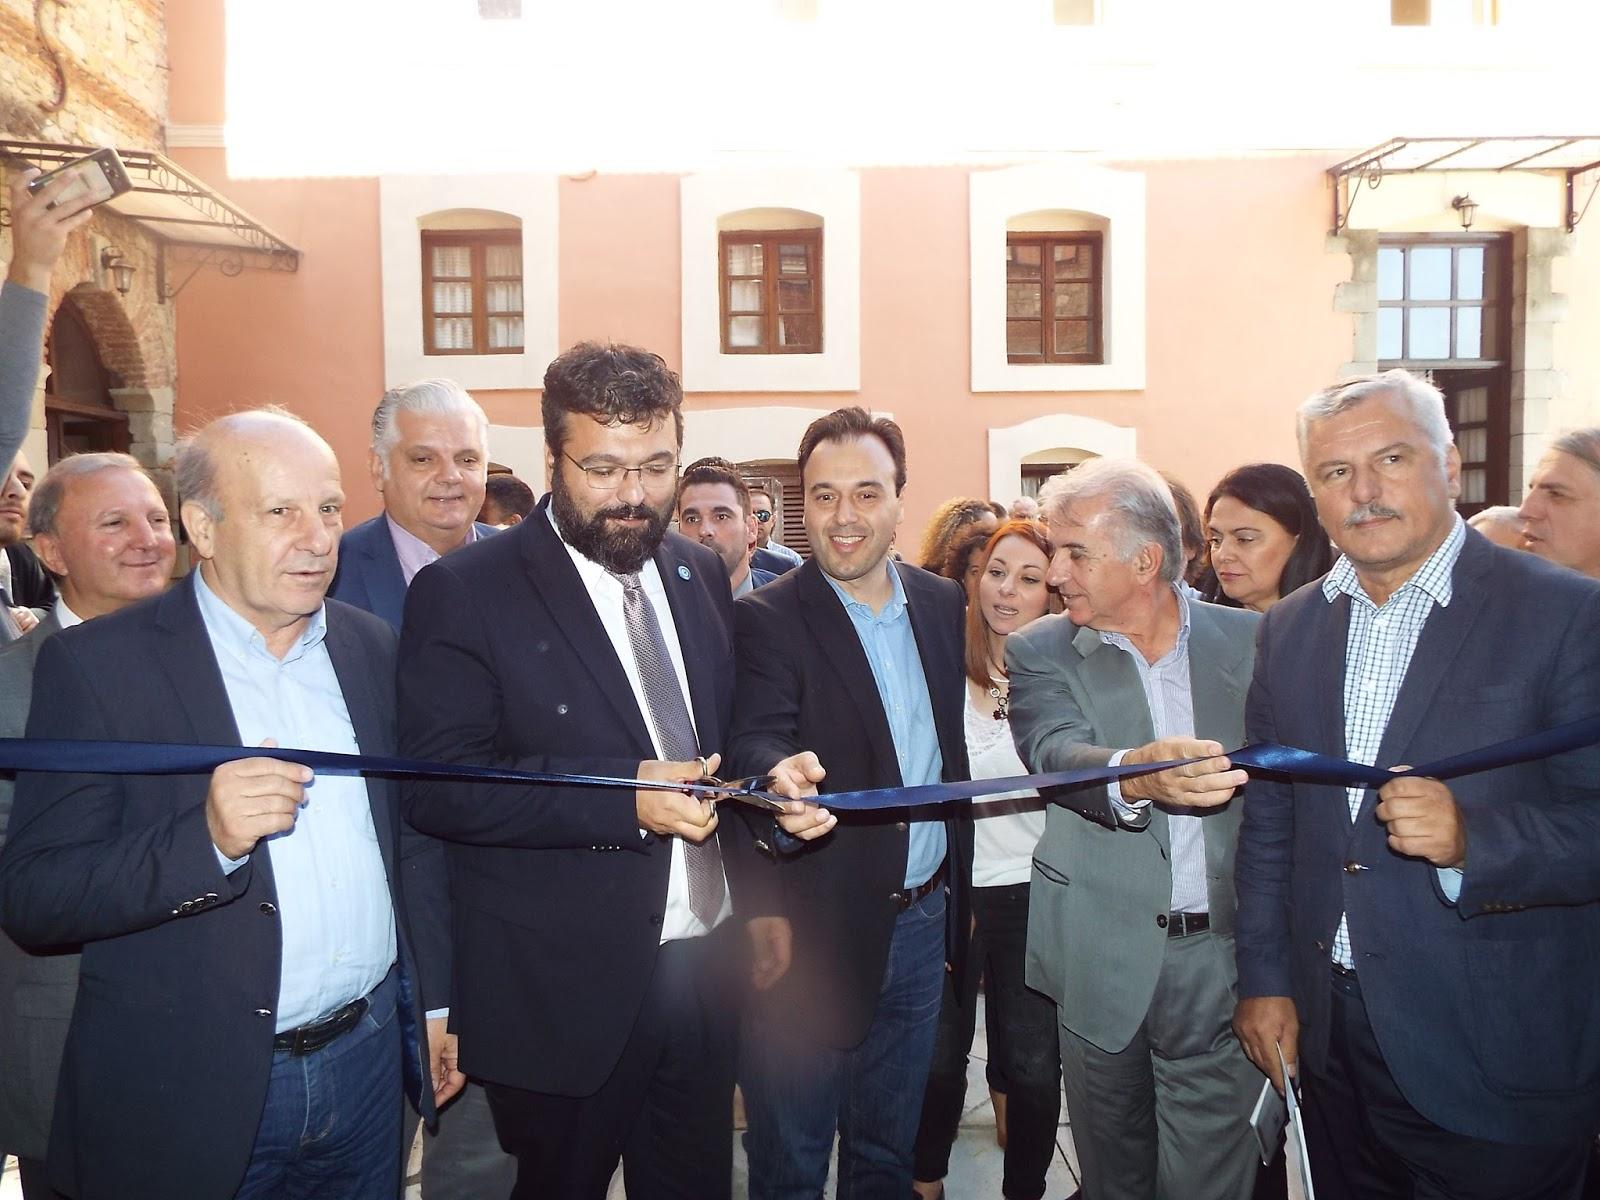 Εγκαινιάστηκε το μοναδικής ιστορικότητας βιομηχανικό Μουσείο Μύλου Ματσόπουλου στα Τρίκαλα (ΦΩΤΟ)